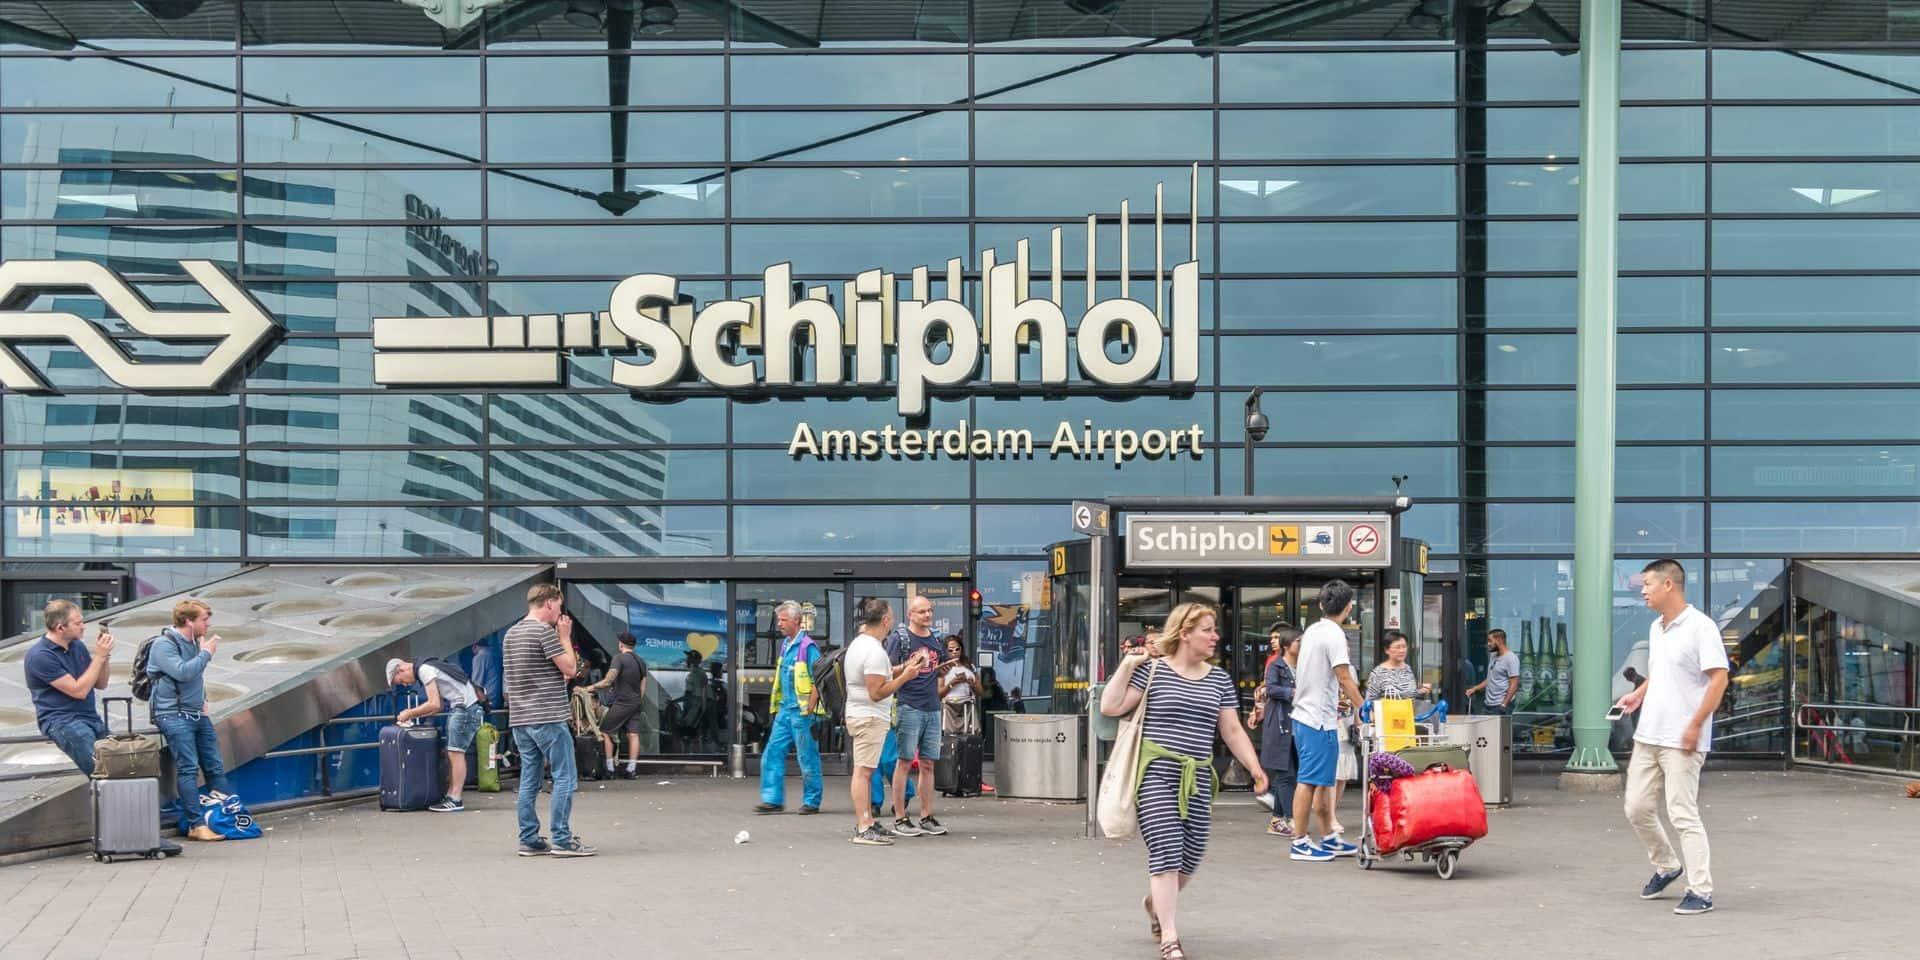 La police néerlandaise tire sur un homme menaçant avec un couteau à l'aéroport de Schiphol